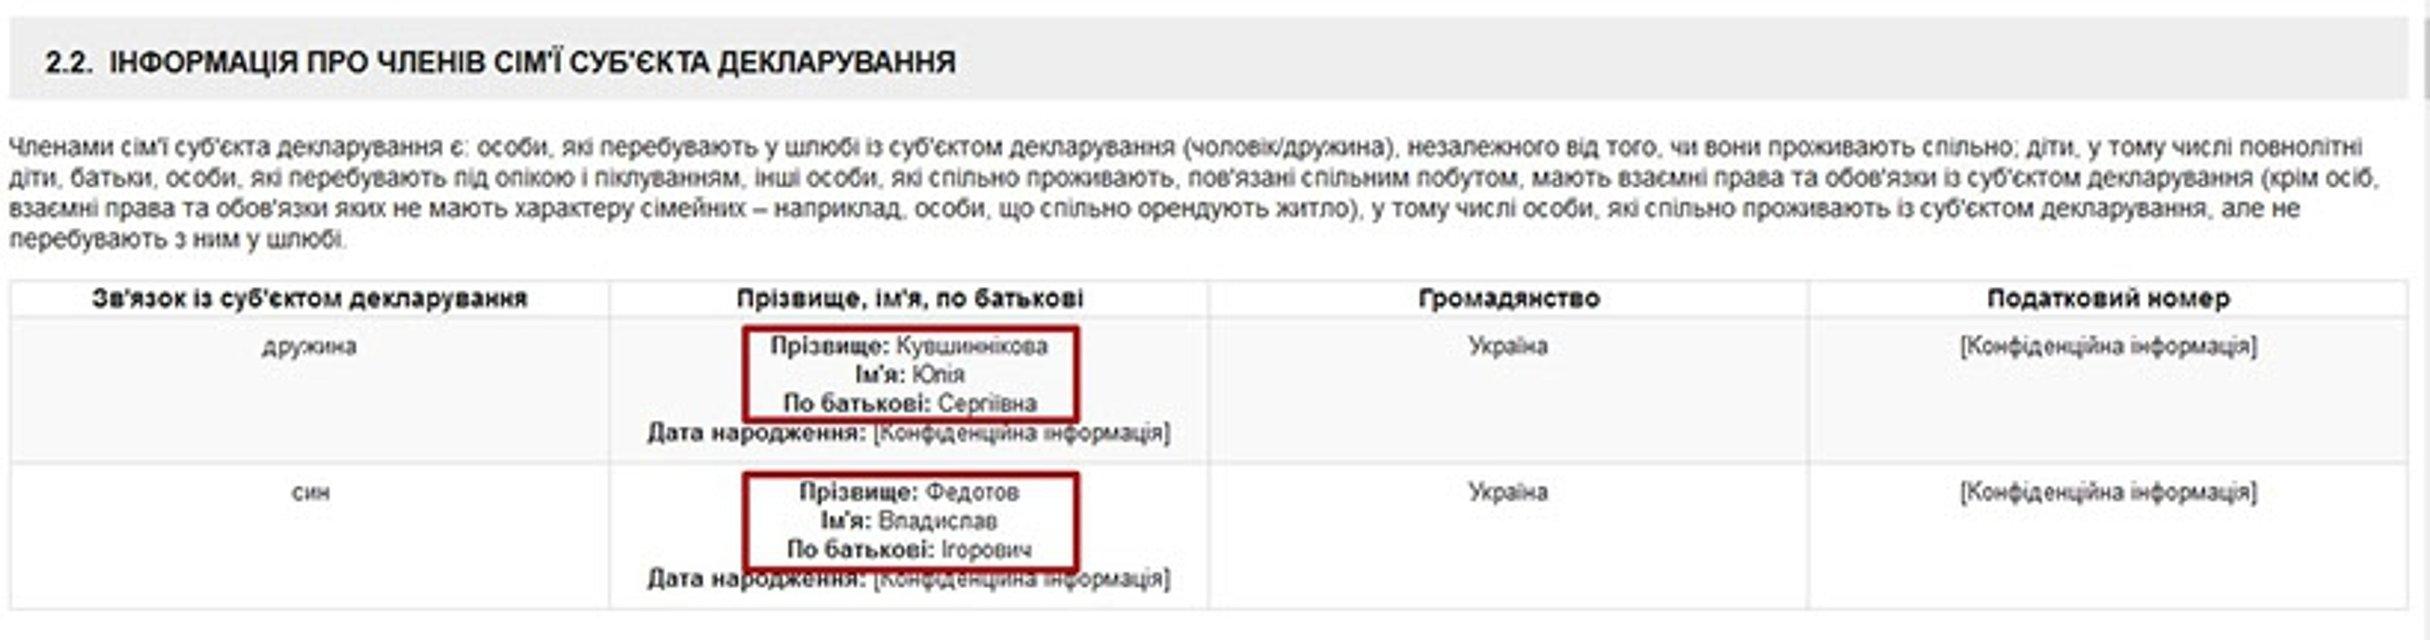 До Верховного Суду проходить кандидат, який був громадянином РФ та працював там суддею - фото 46944